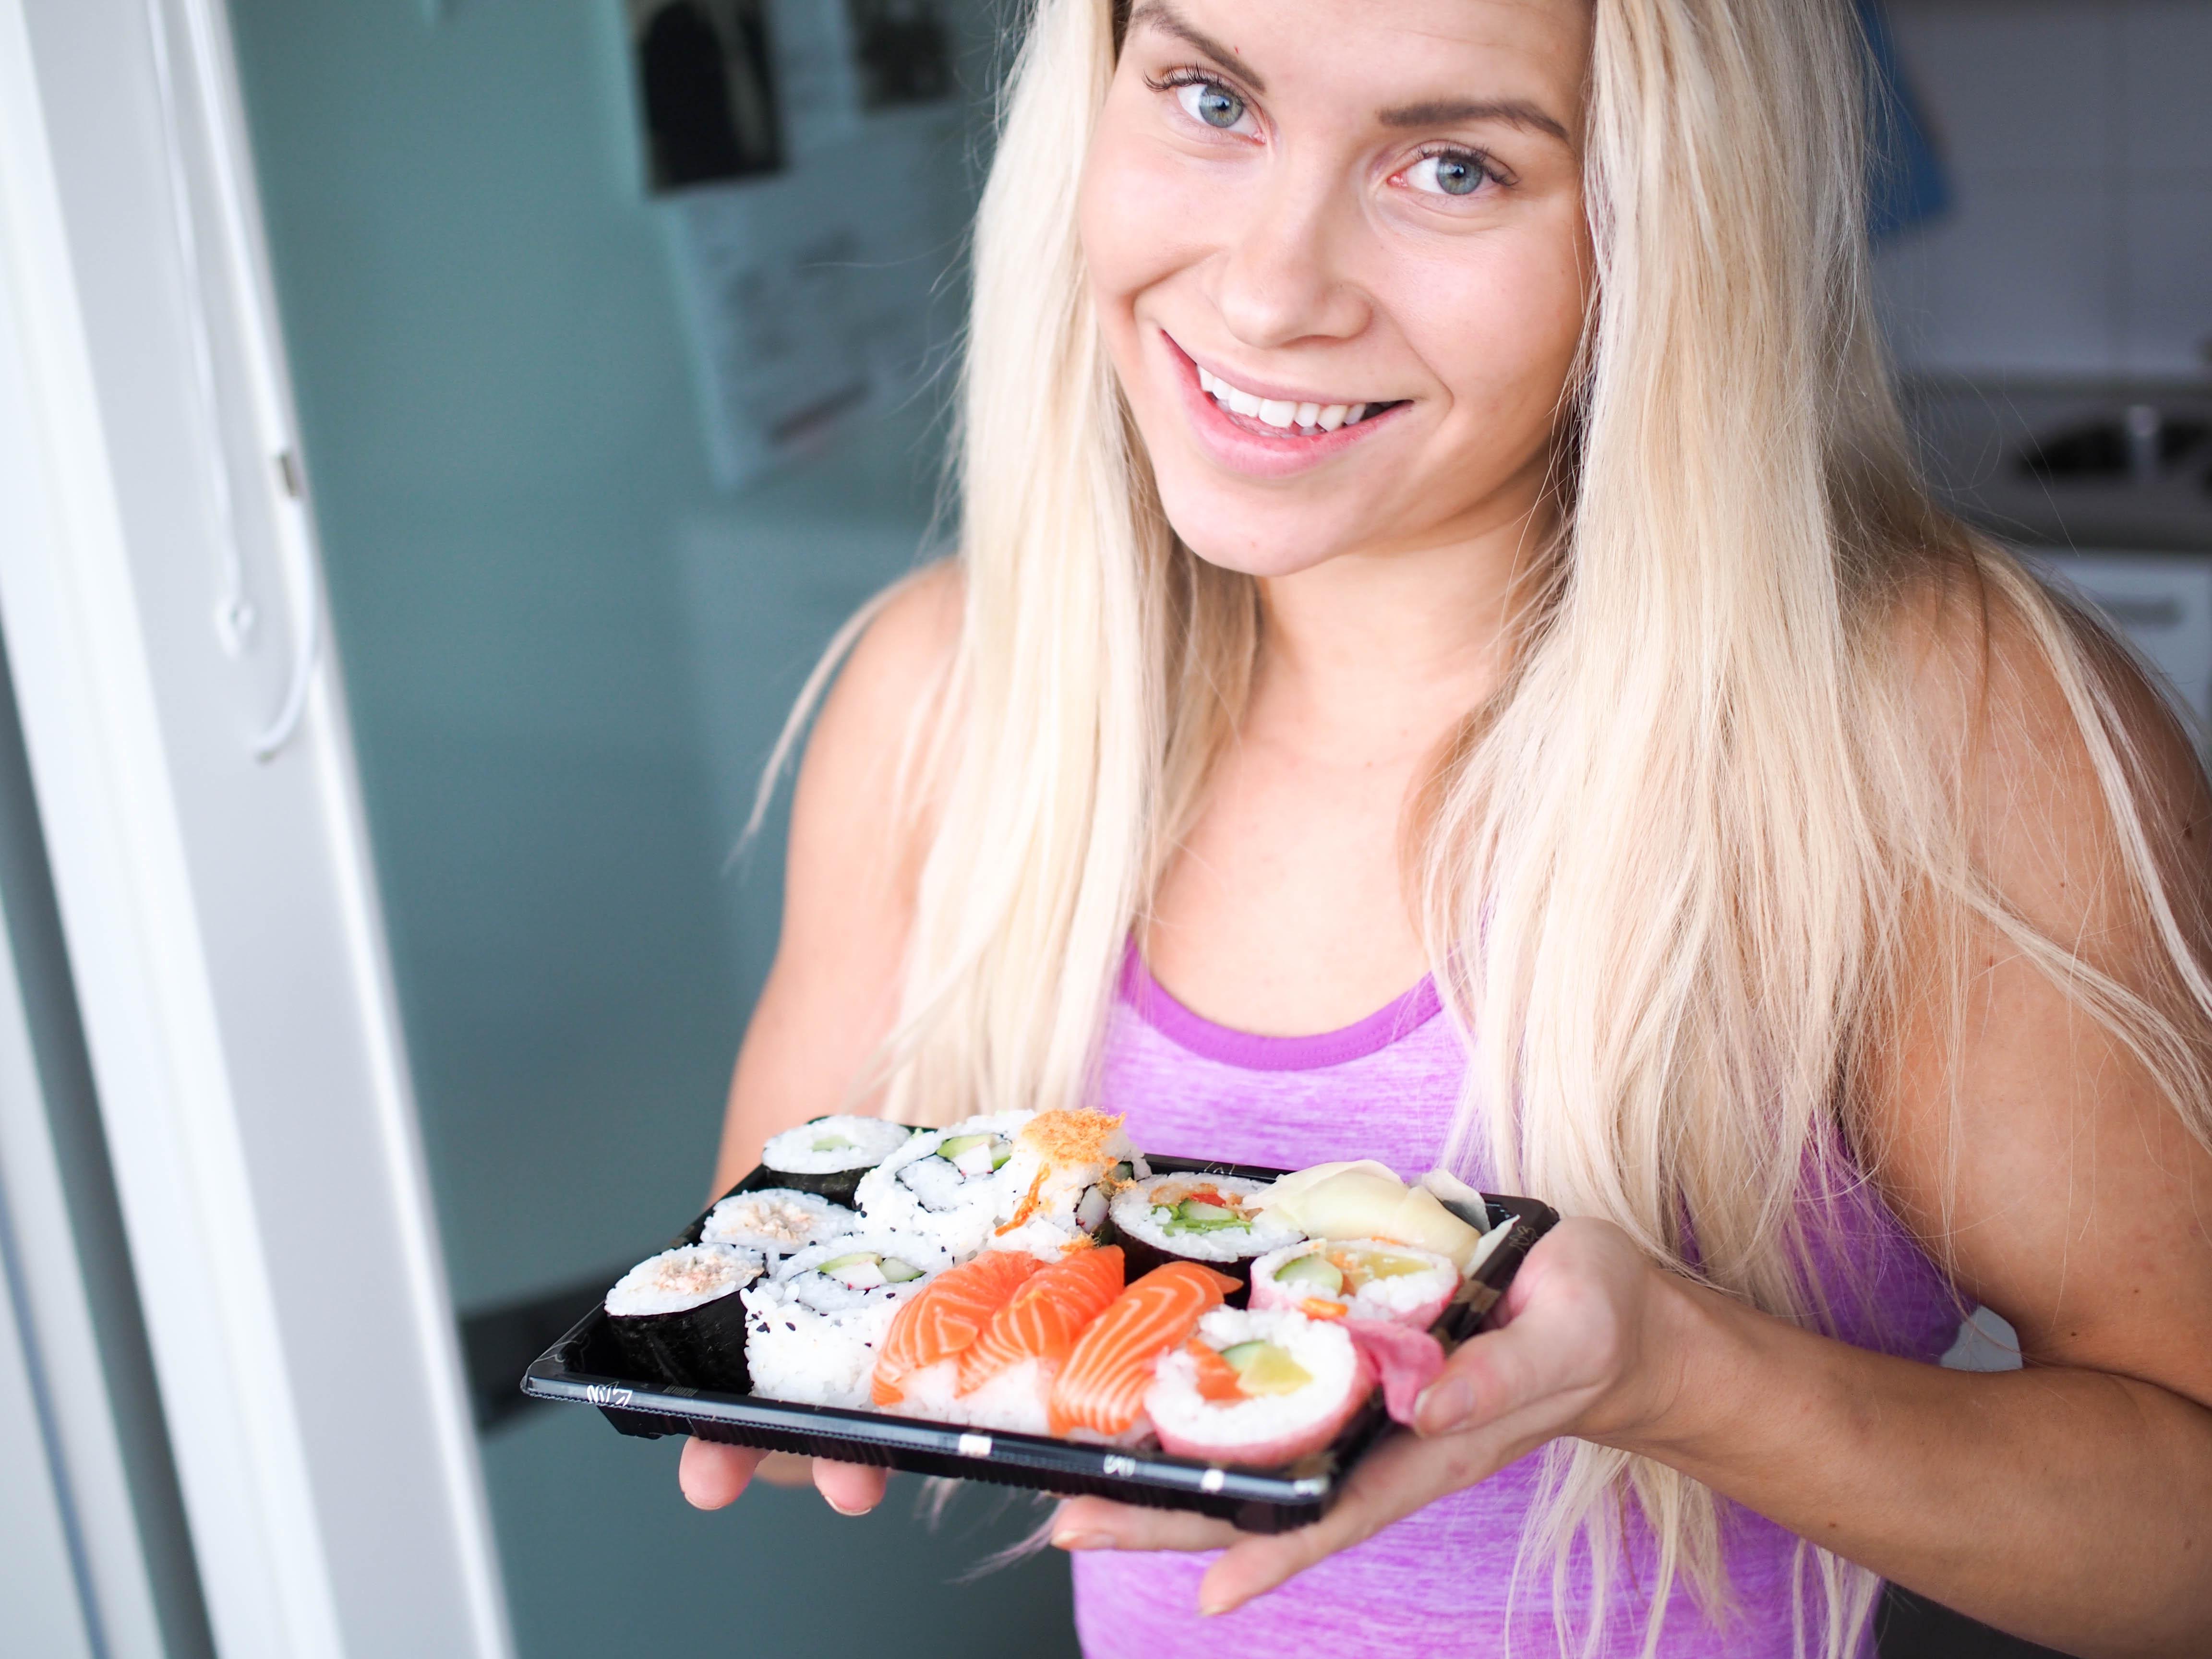 Onko ruokasi oikeasti terveellistä?